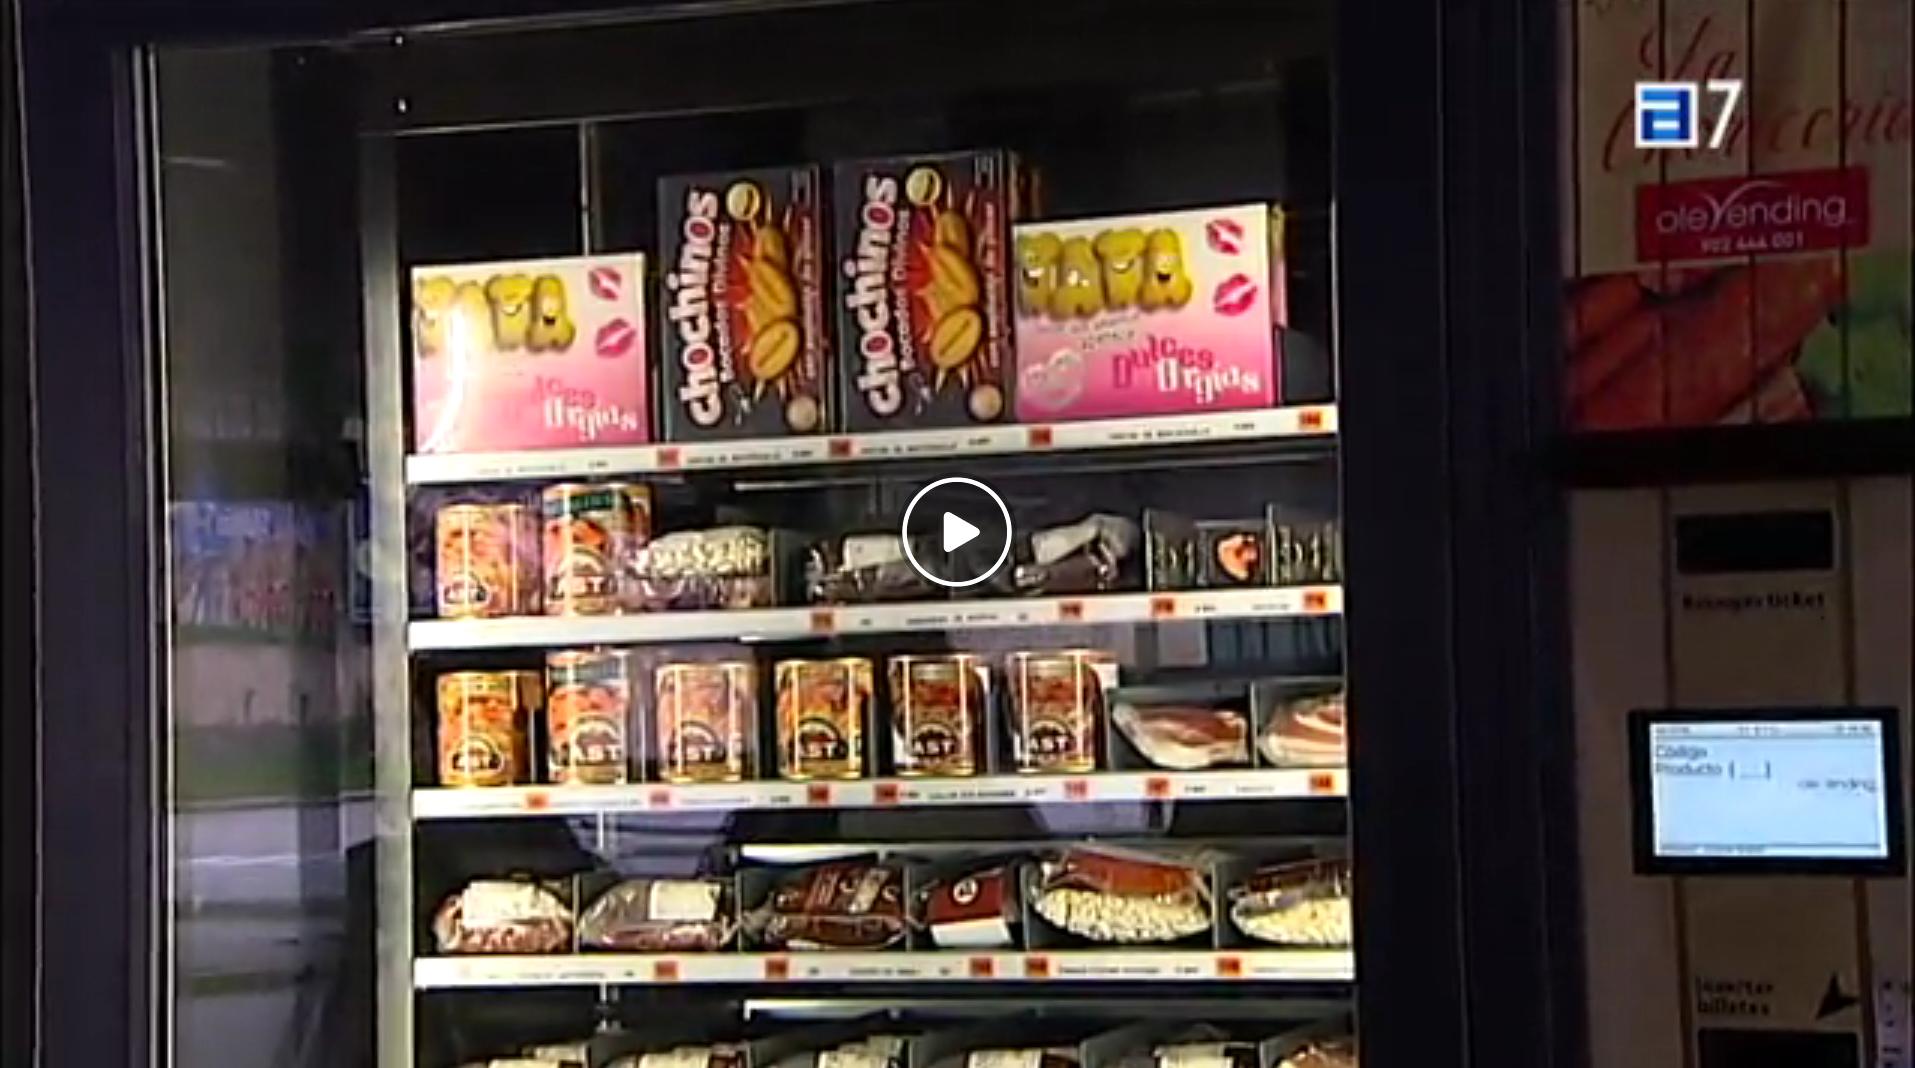 máquinas expendedoras minimarket